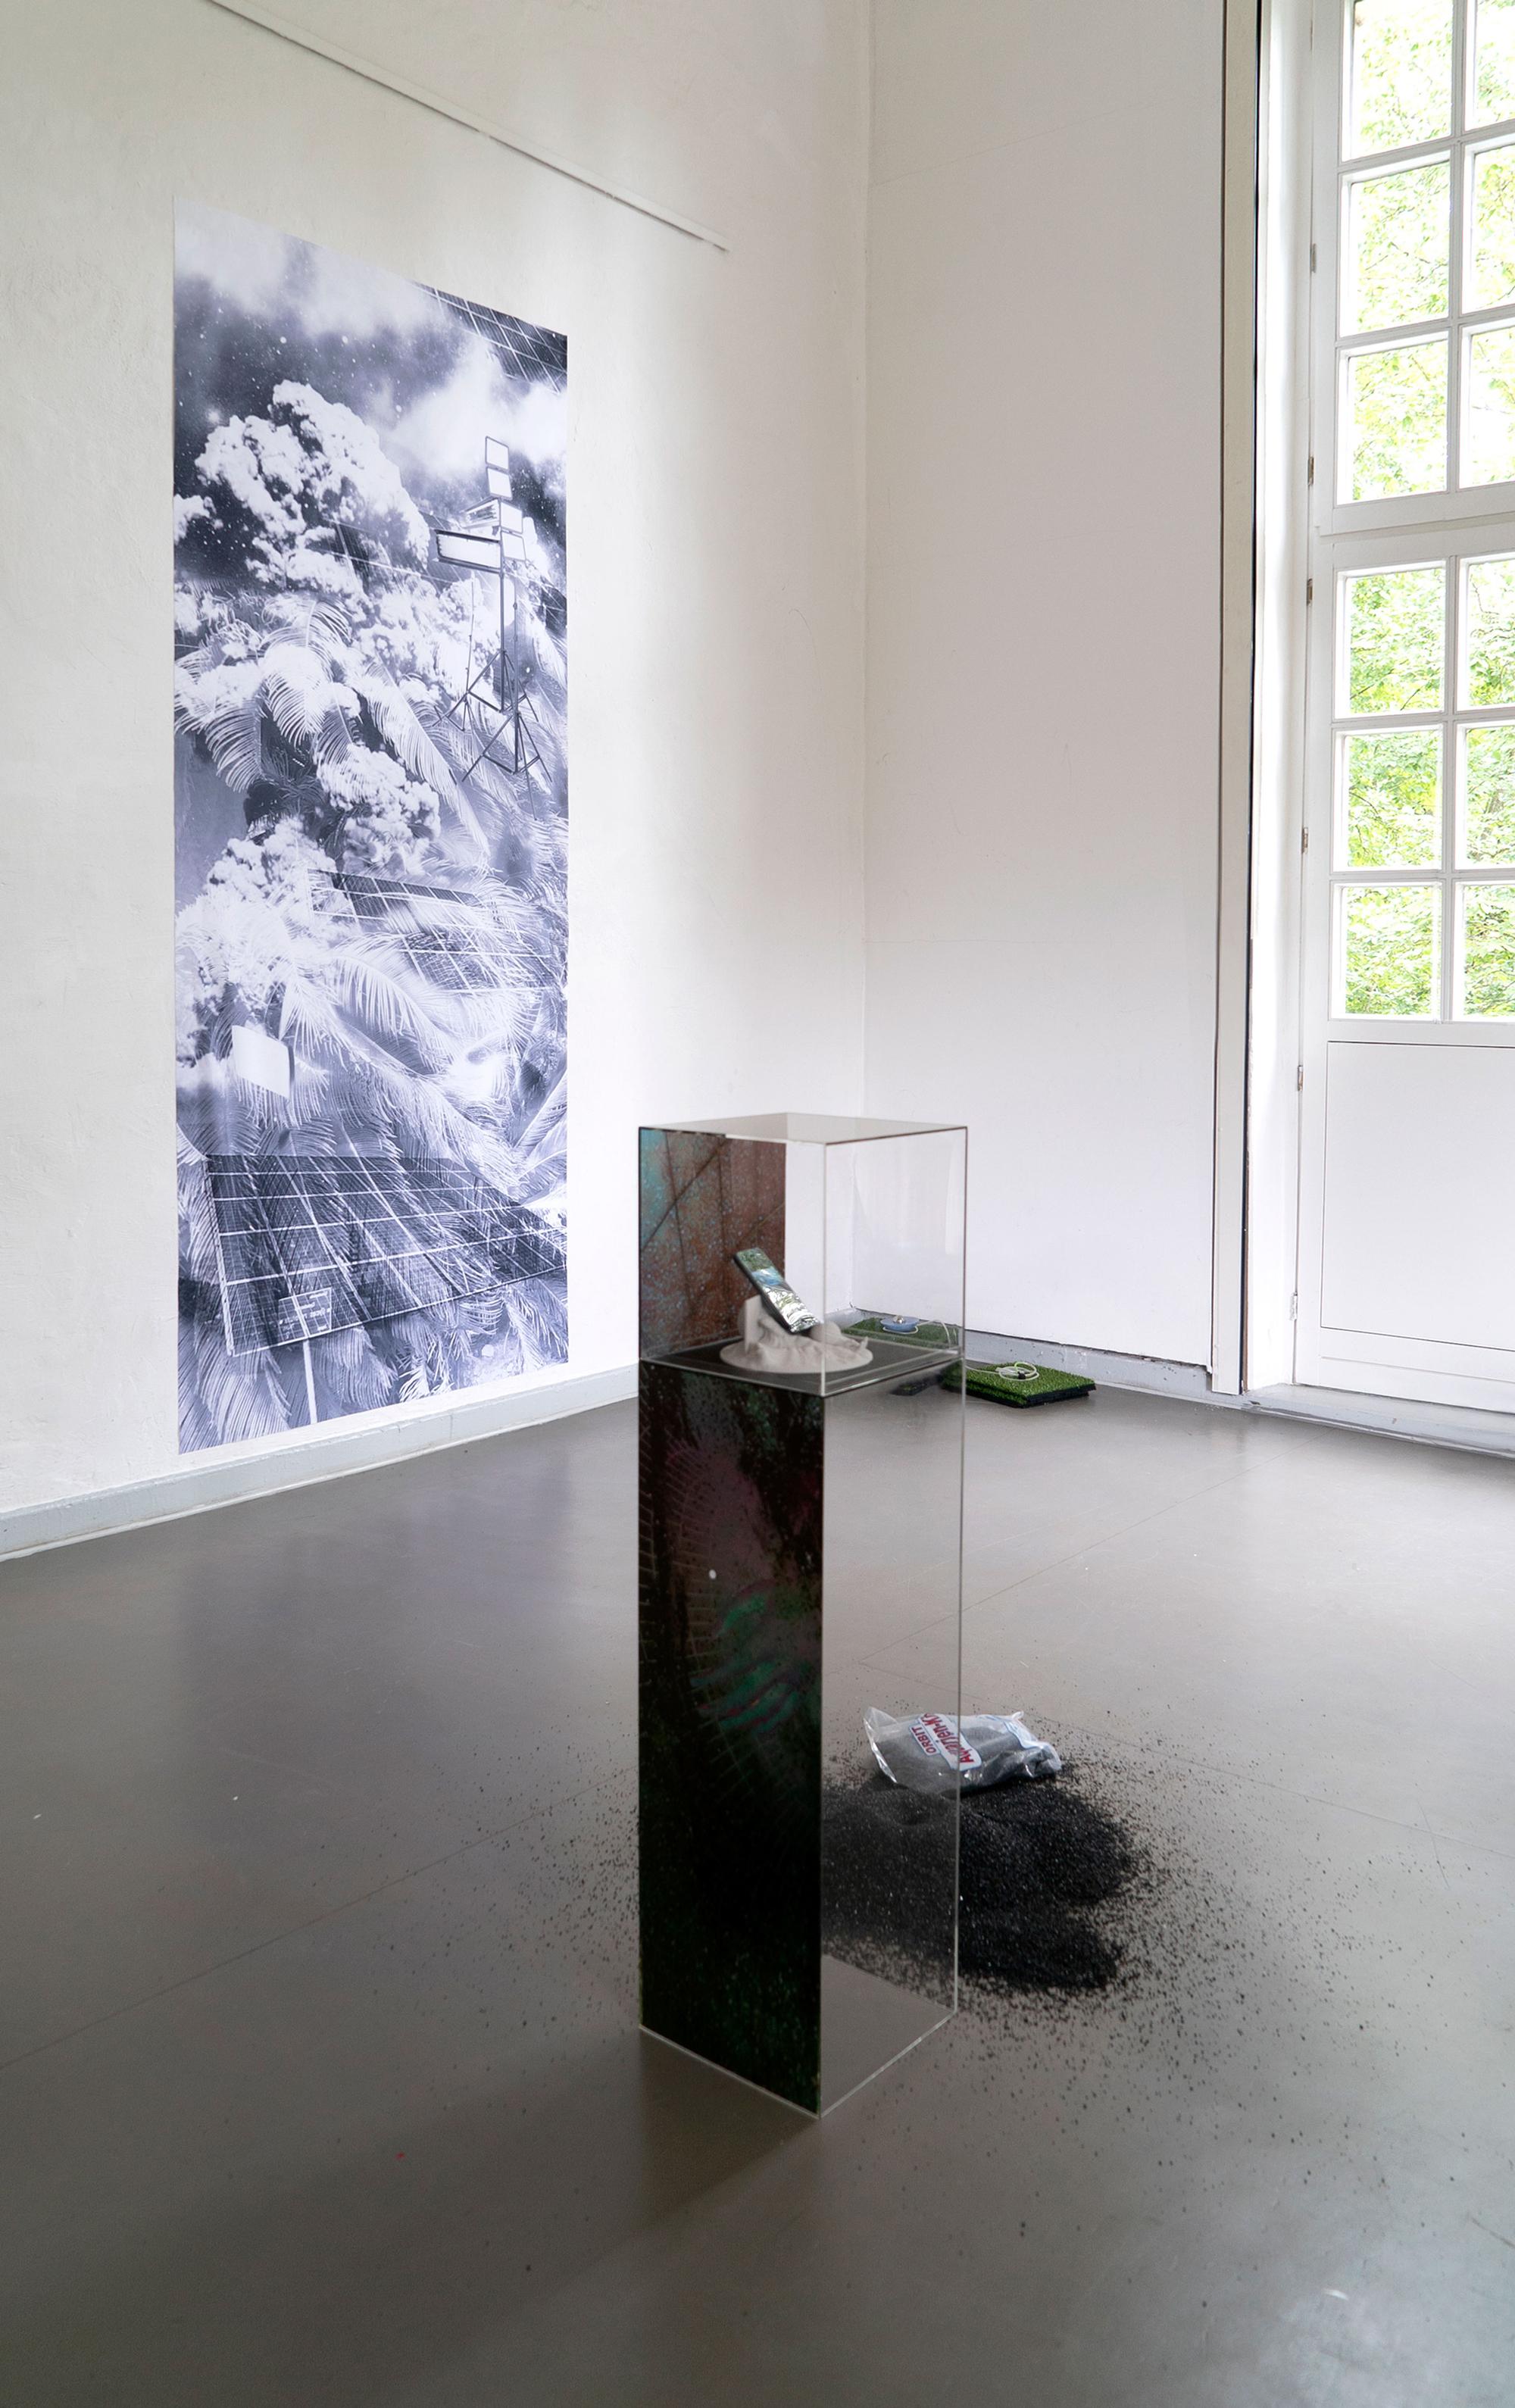 © Hara Shin, Hyper Collective, 2019, installation view